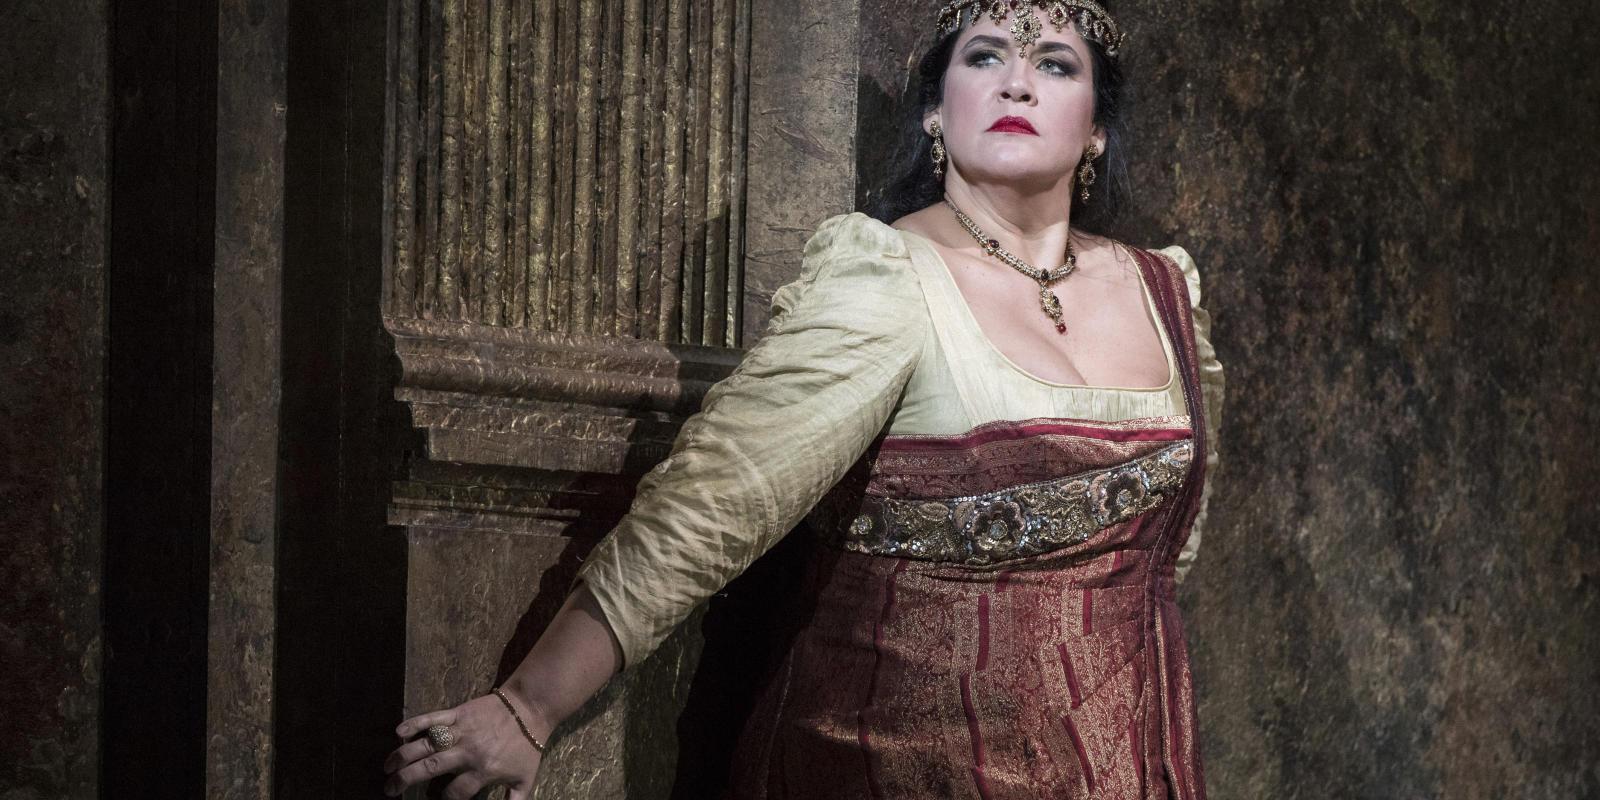 Keri Alkema as Tosca performing in ENO's Tosca